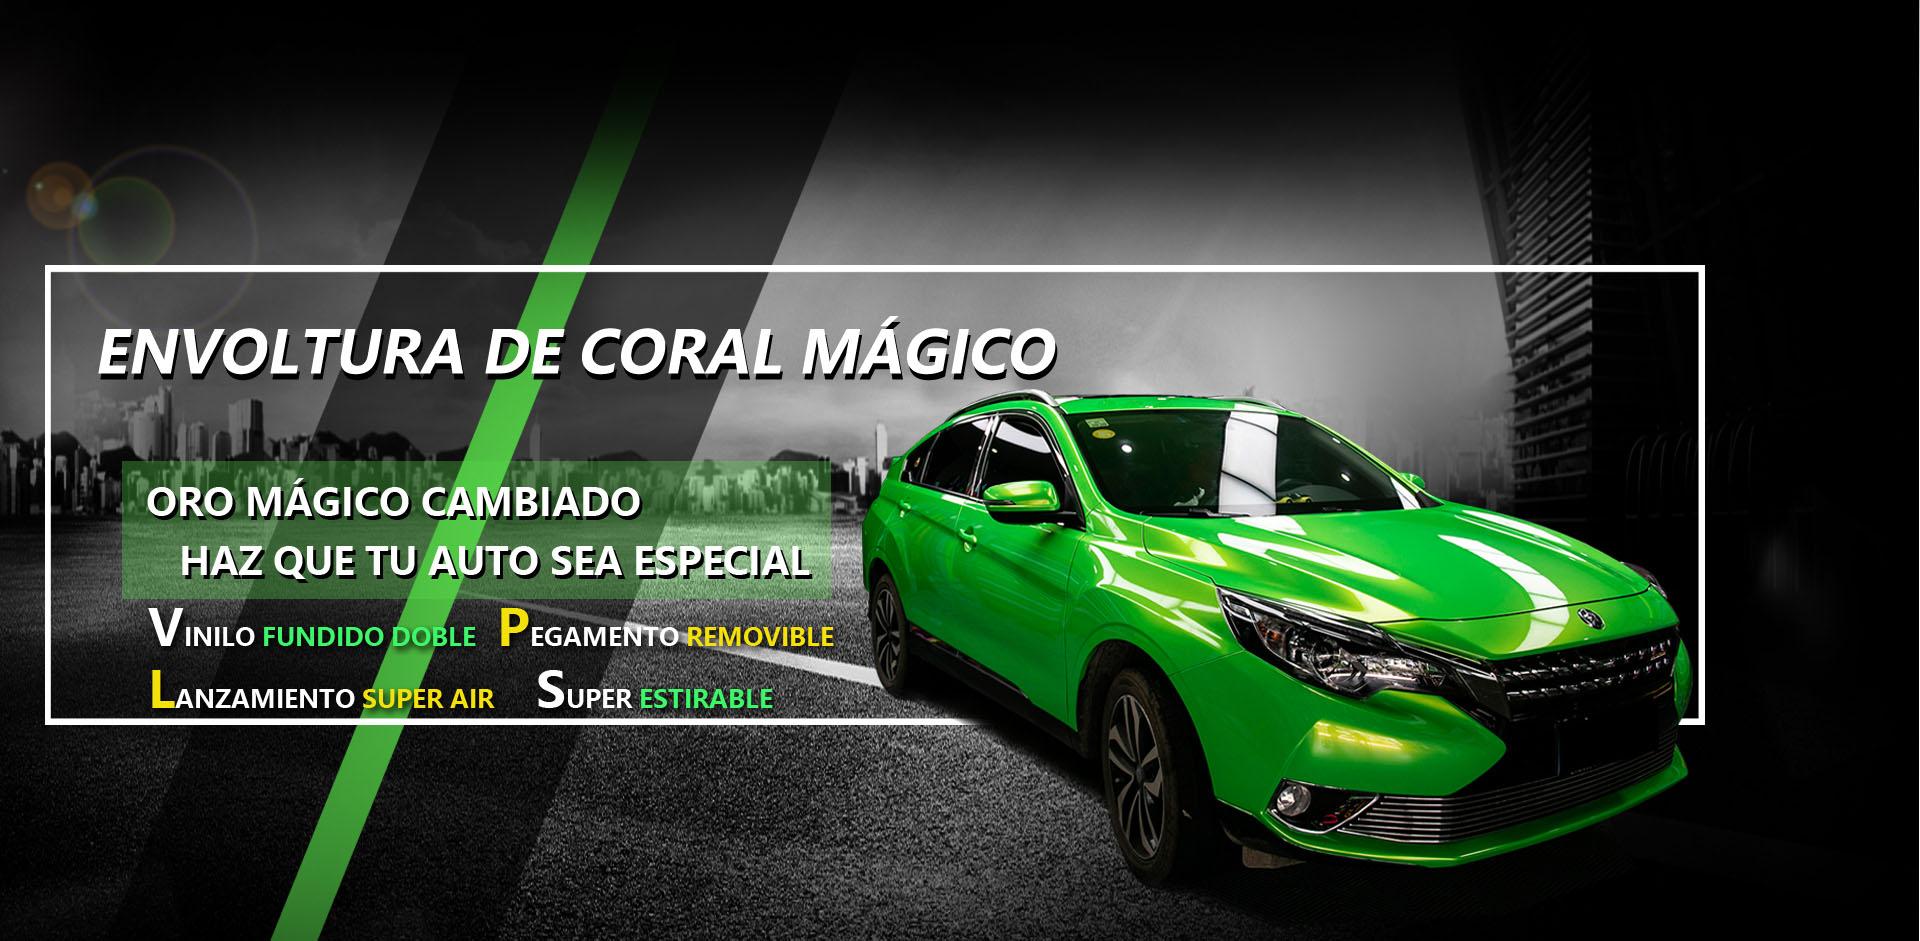 CARLIKE CL-MC Película de envoltura de automóviles automotrices de vinilo mágico coral